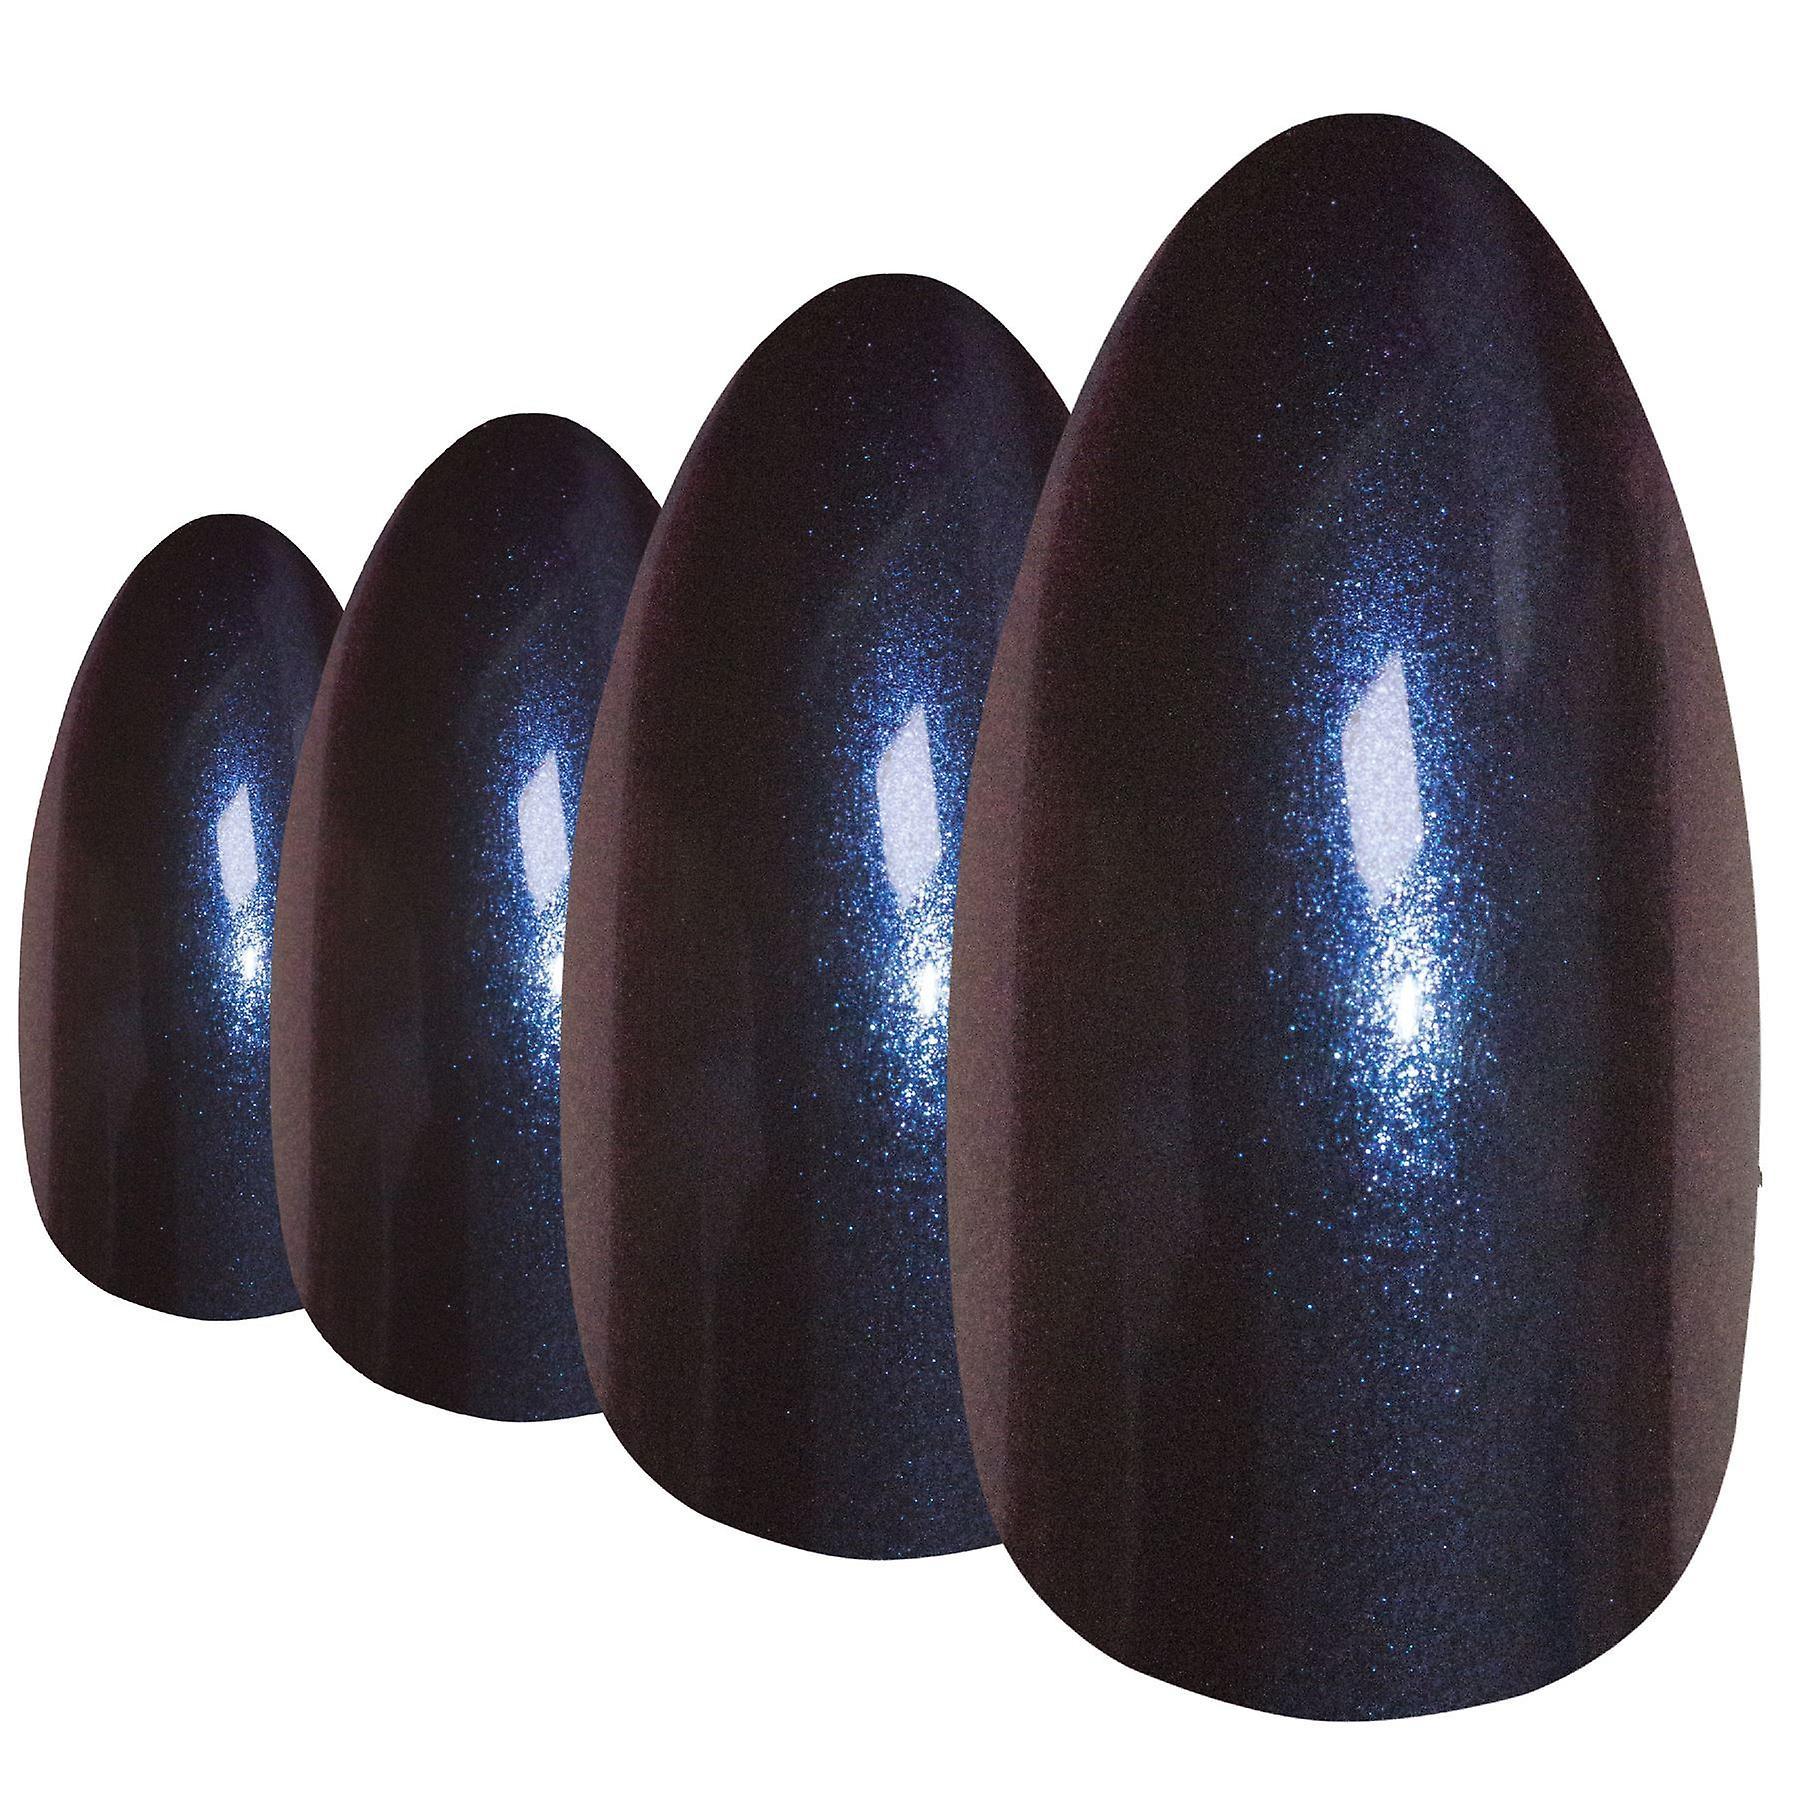 False nails by bling art blue purple chameleon almond stiletto 24 fake tips